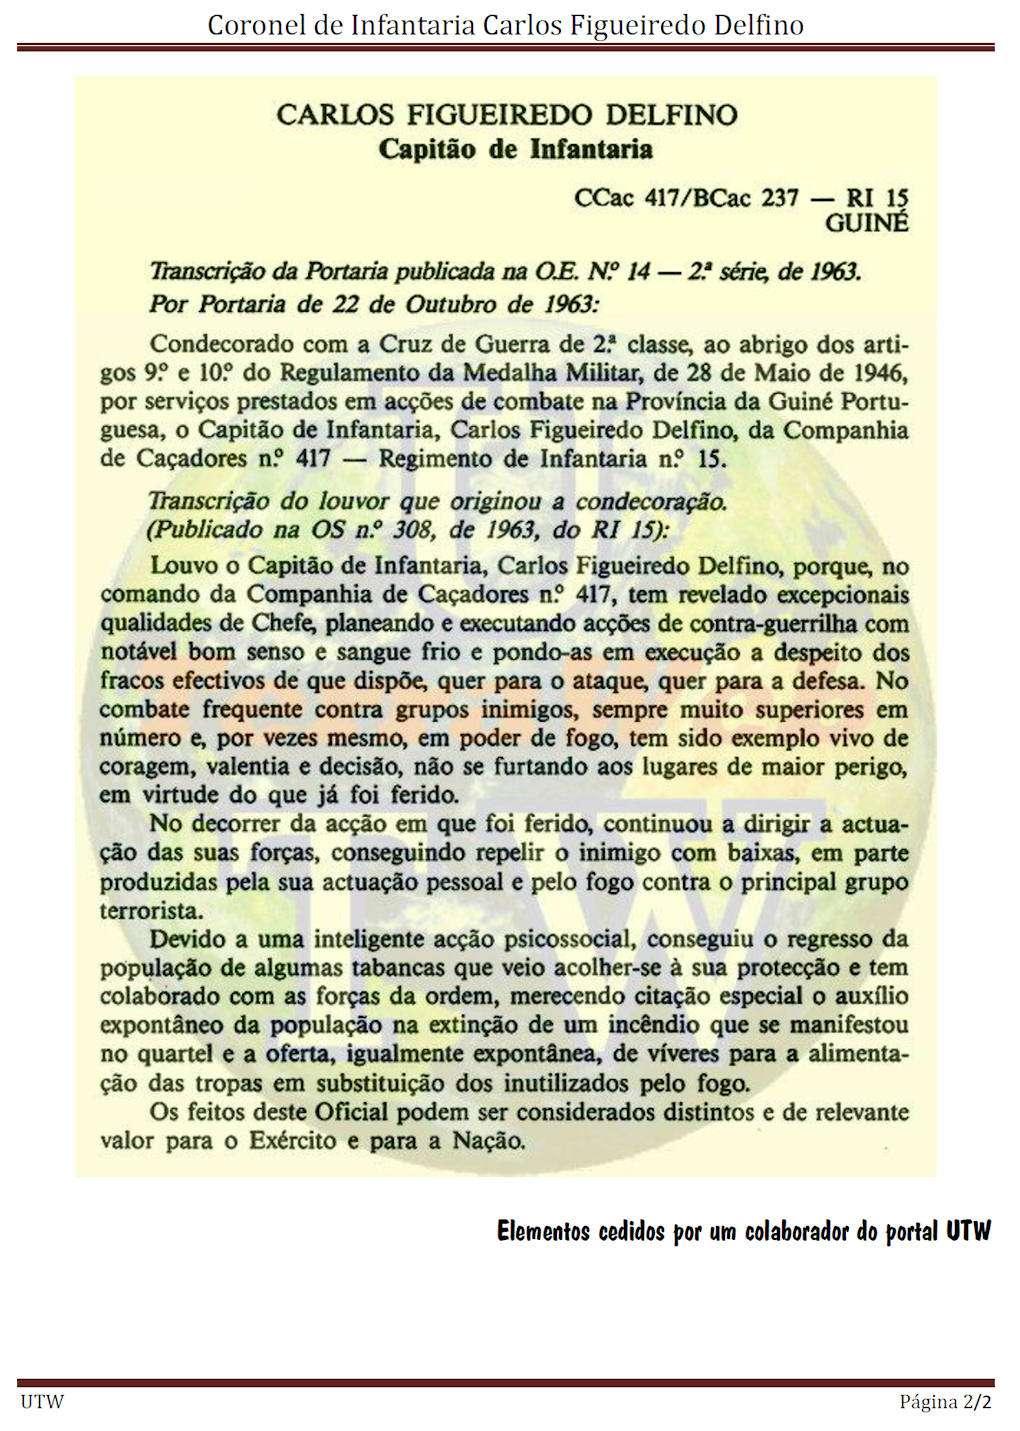 Faleceu o Coronel de Inf.ª Carlos Figueiredo Delfino, BCac5013/73/RMM e CCac417/CTIG - 22Jan2015 Corinf11